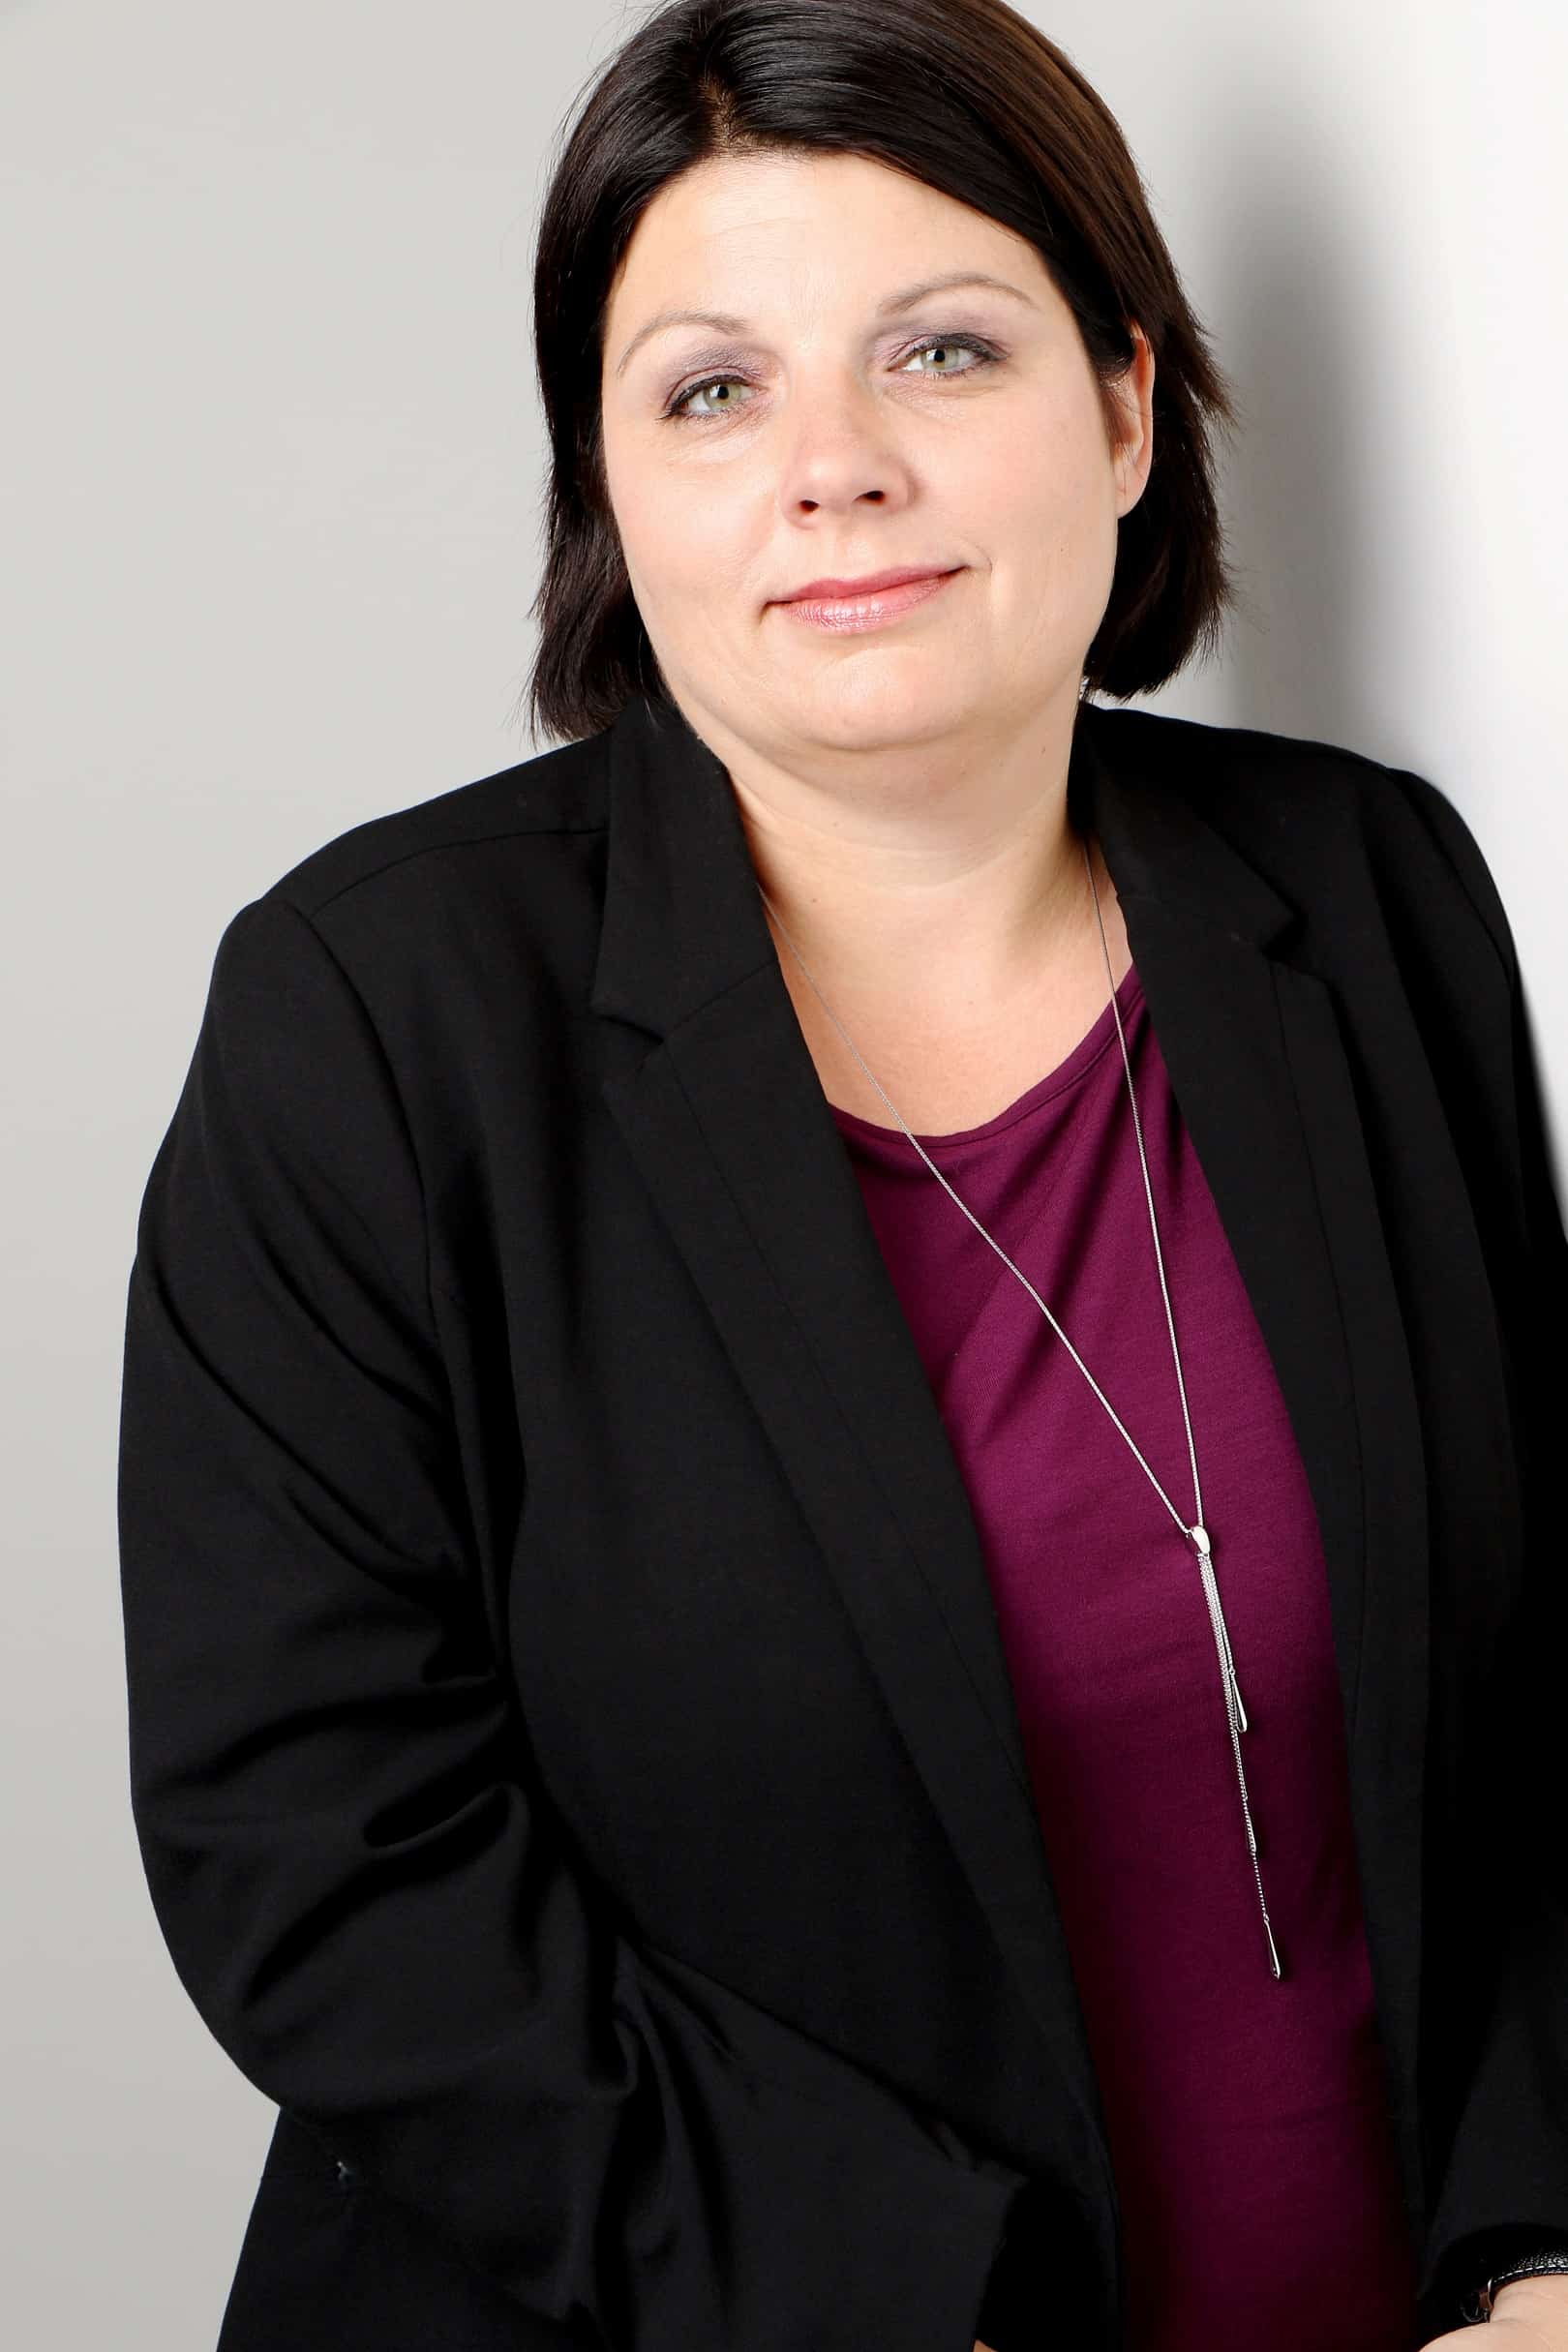 Cynthia Ouellet